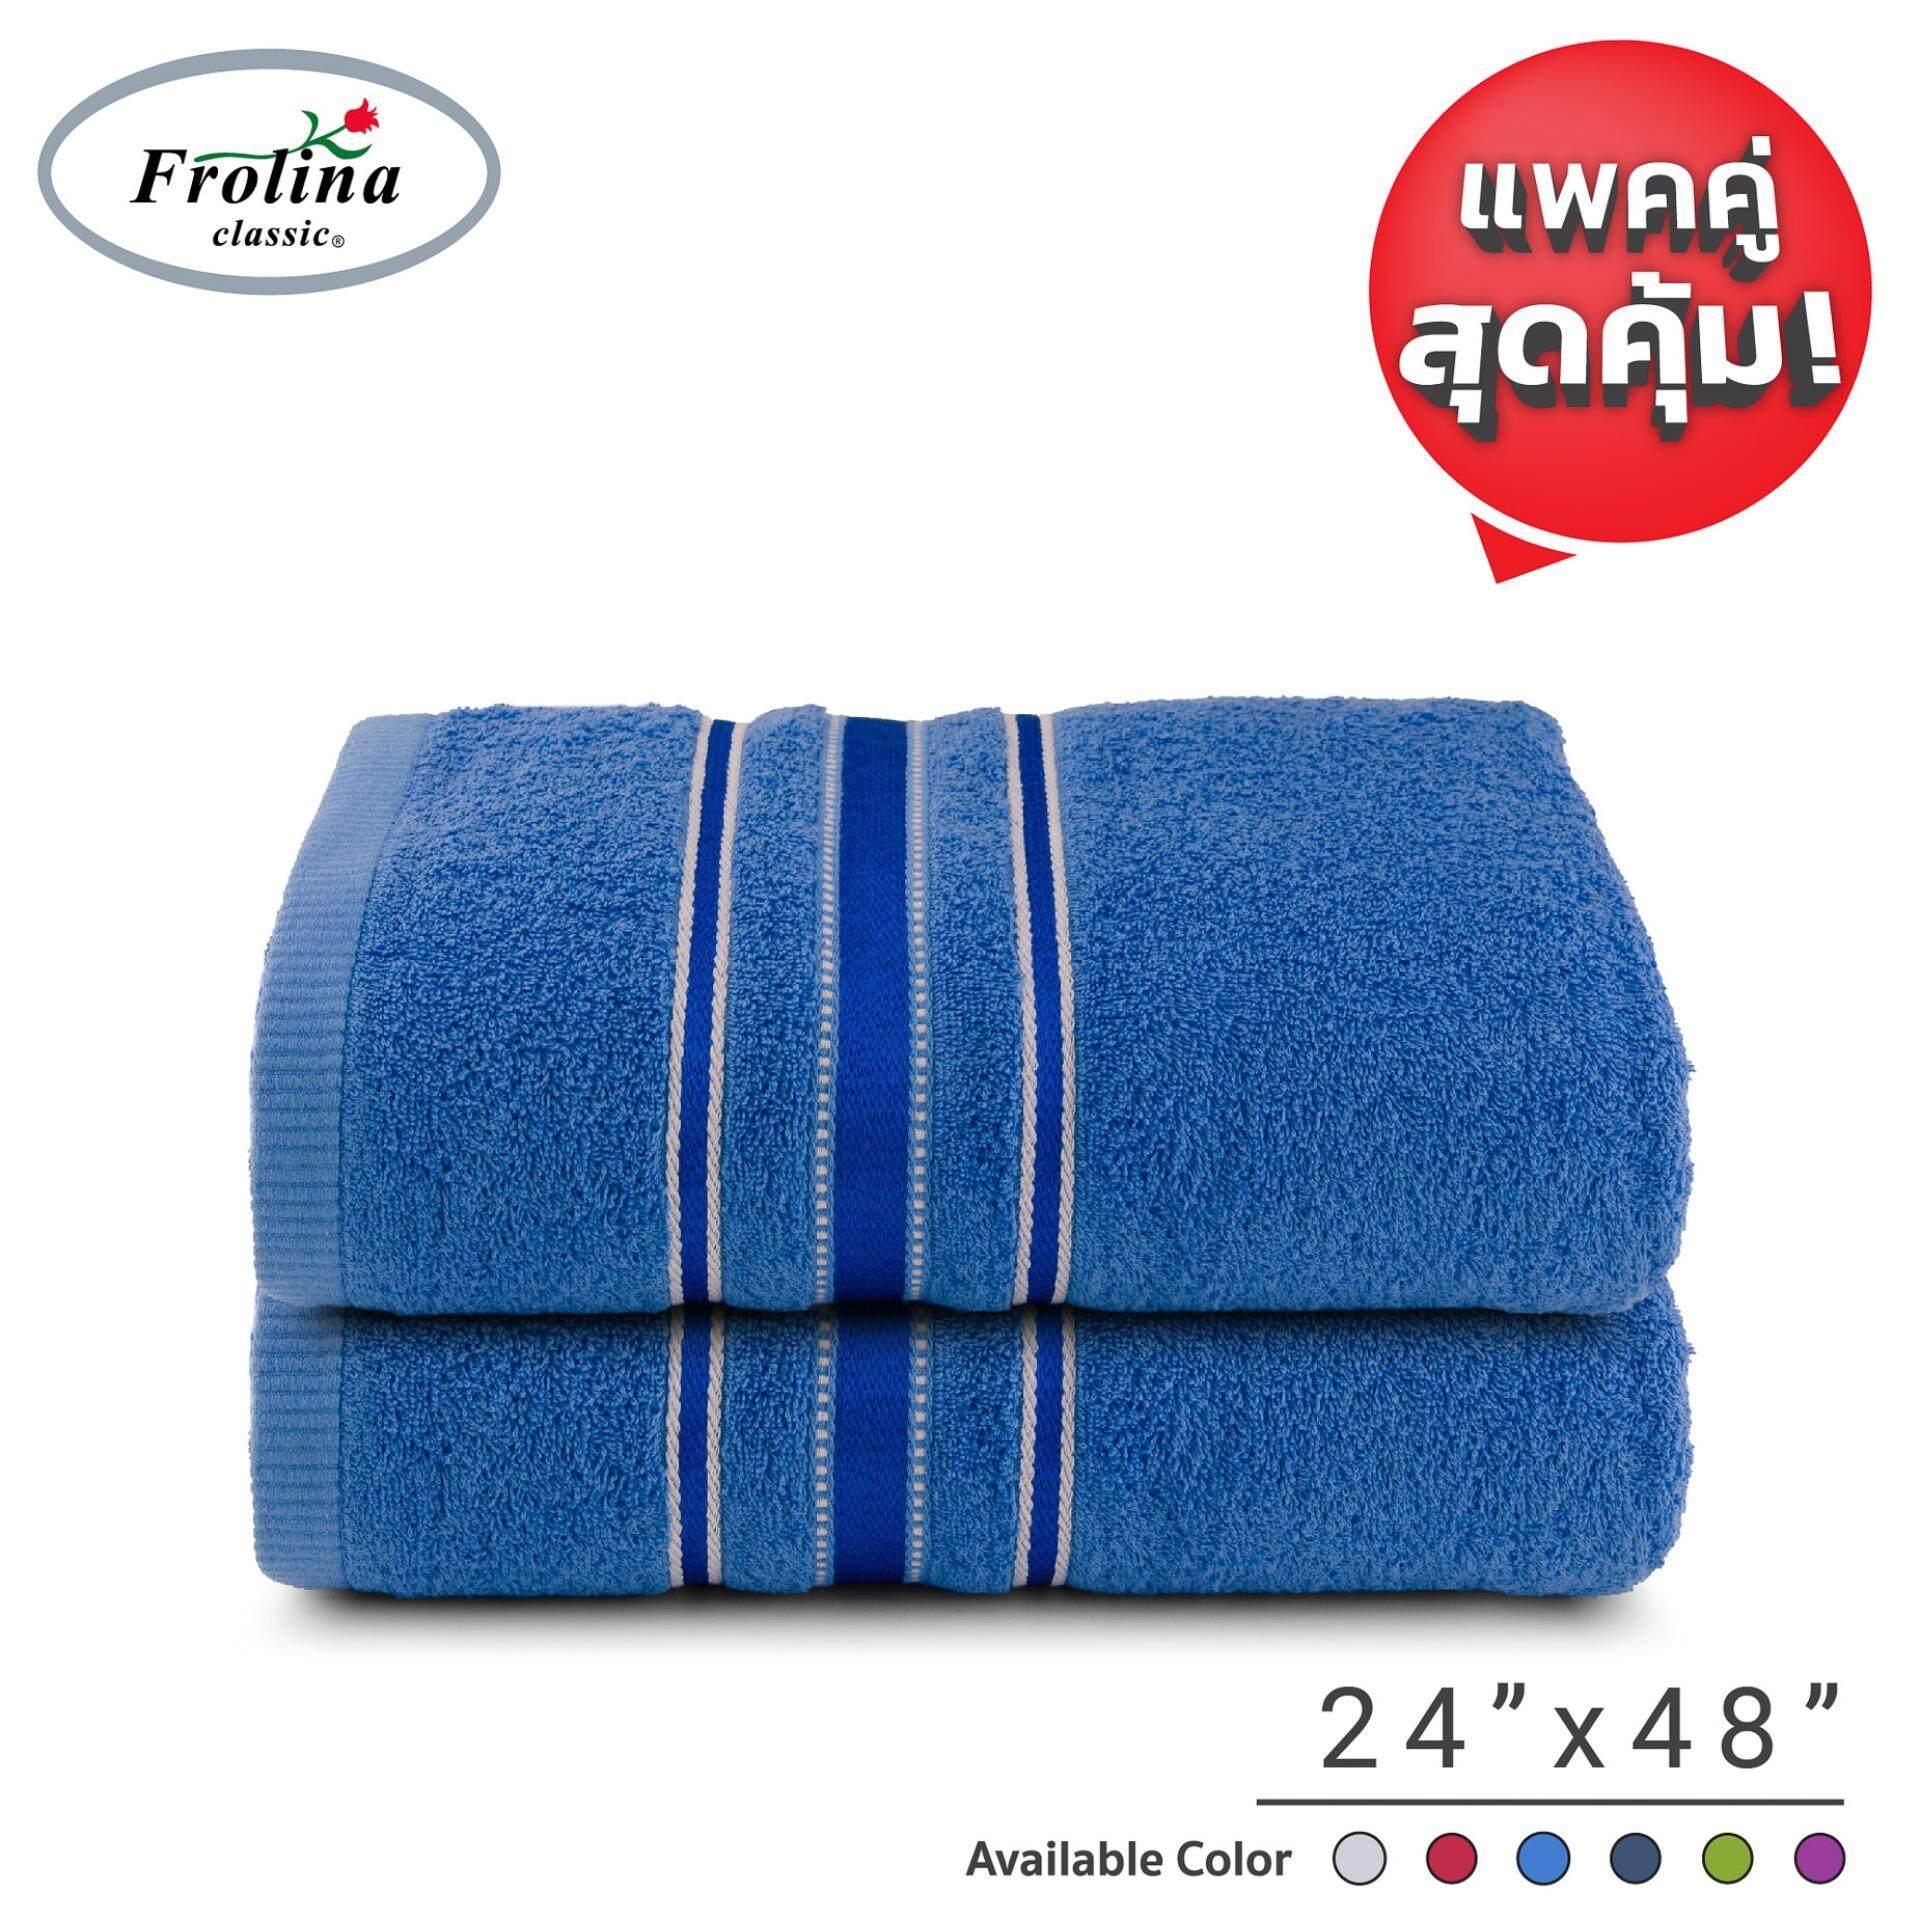 Frolina  ผ้าขนหนูเช็ดตัวสำหรับเด็ก ขนาด  24x48 นิ้ว Set 2 ผืน รุ่น Solid03